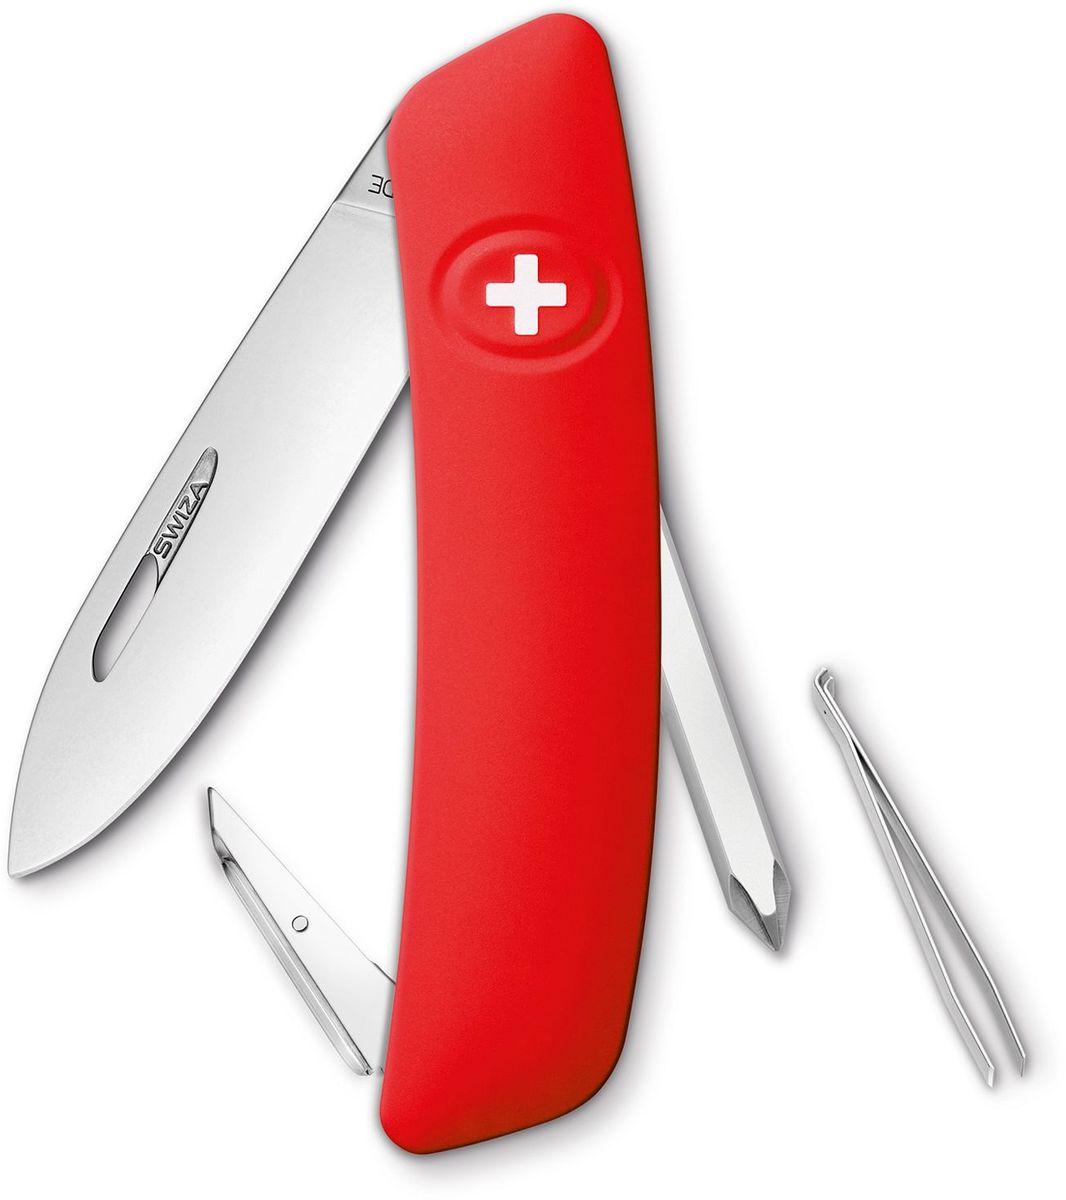 Нож швейцарский SWIZA D02, цвет: красный, длина клинка 7,5 см